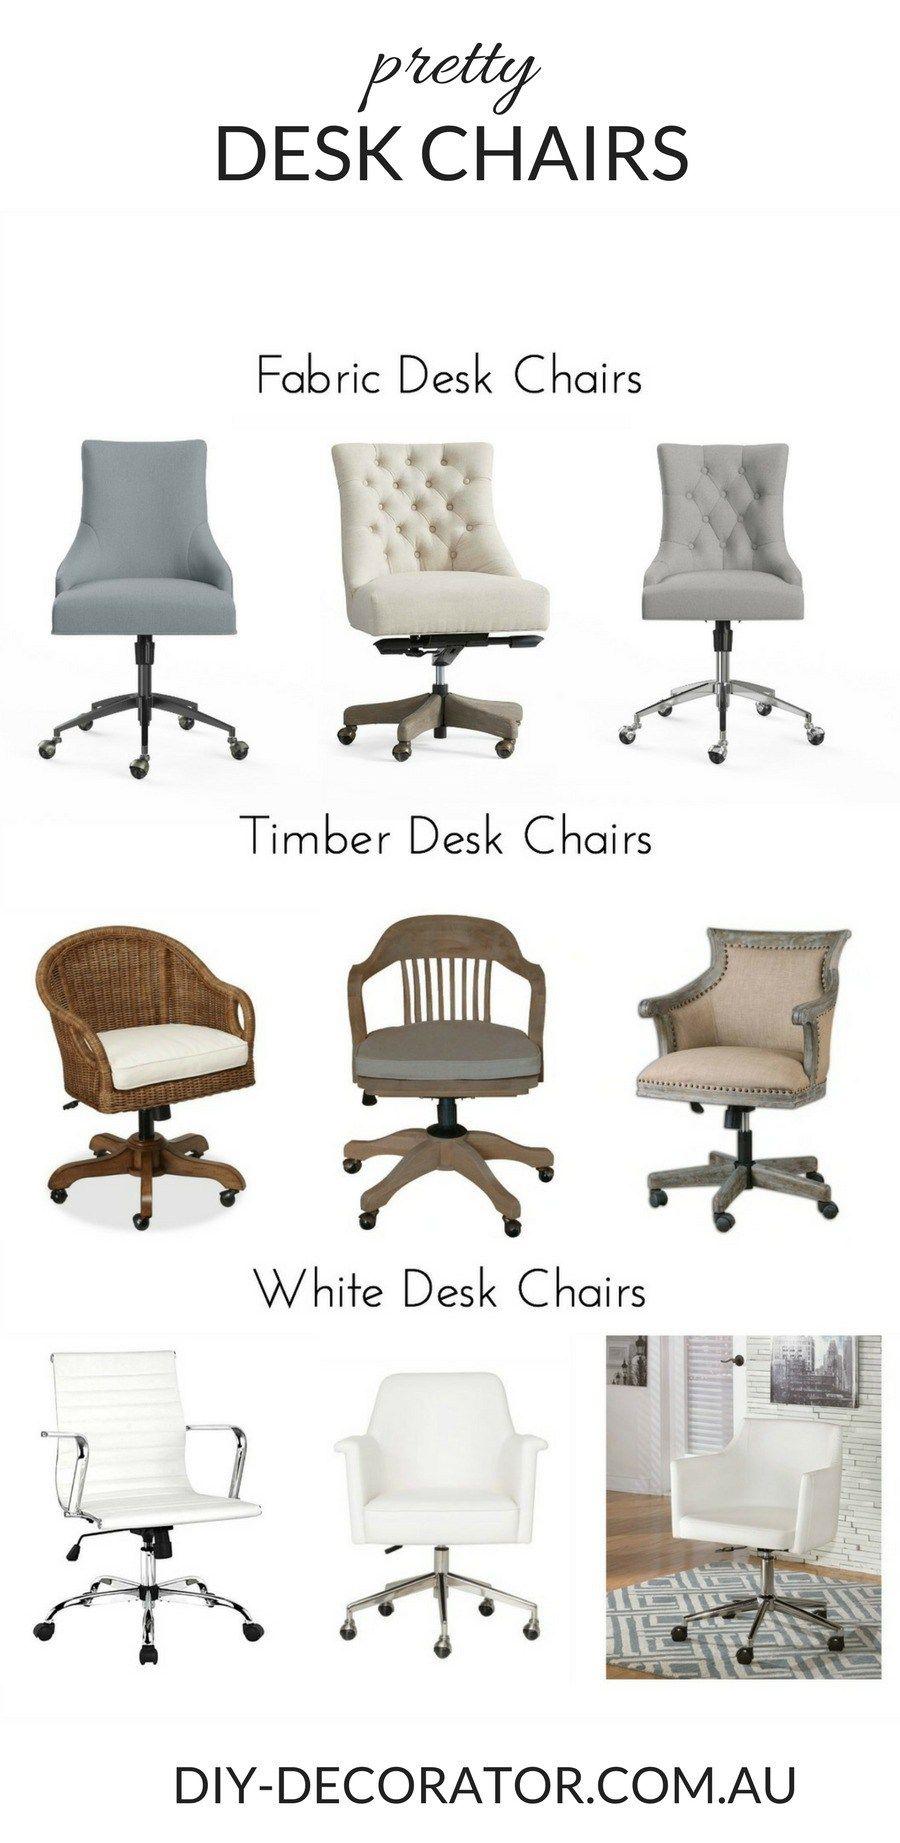 Pretty Desk Chairs Diy Decorator Pretty Desk Chairs Desk Chair Diy Blue Chairs Living Room